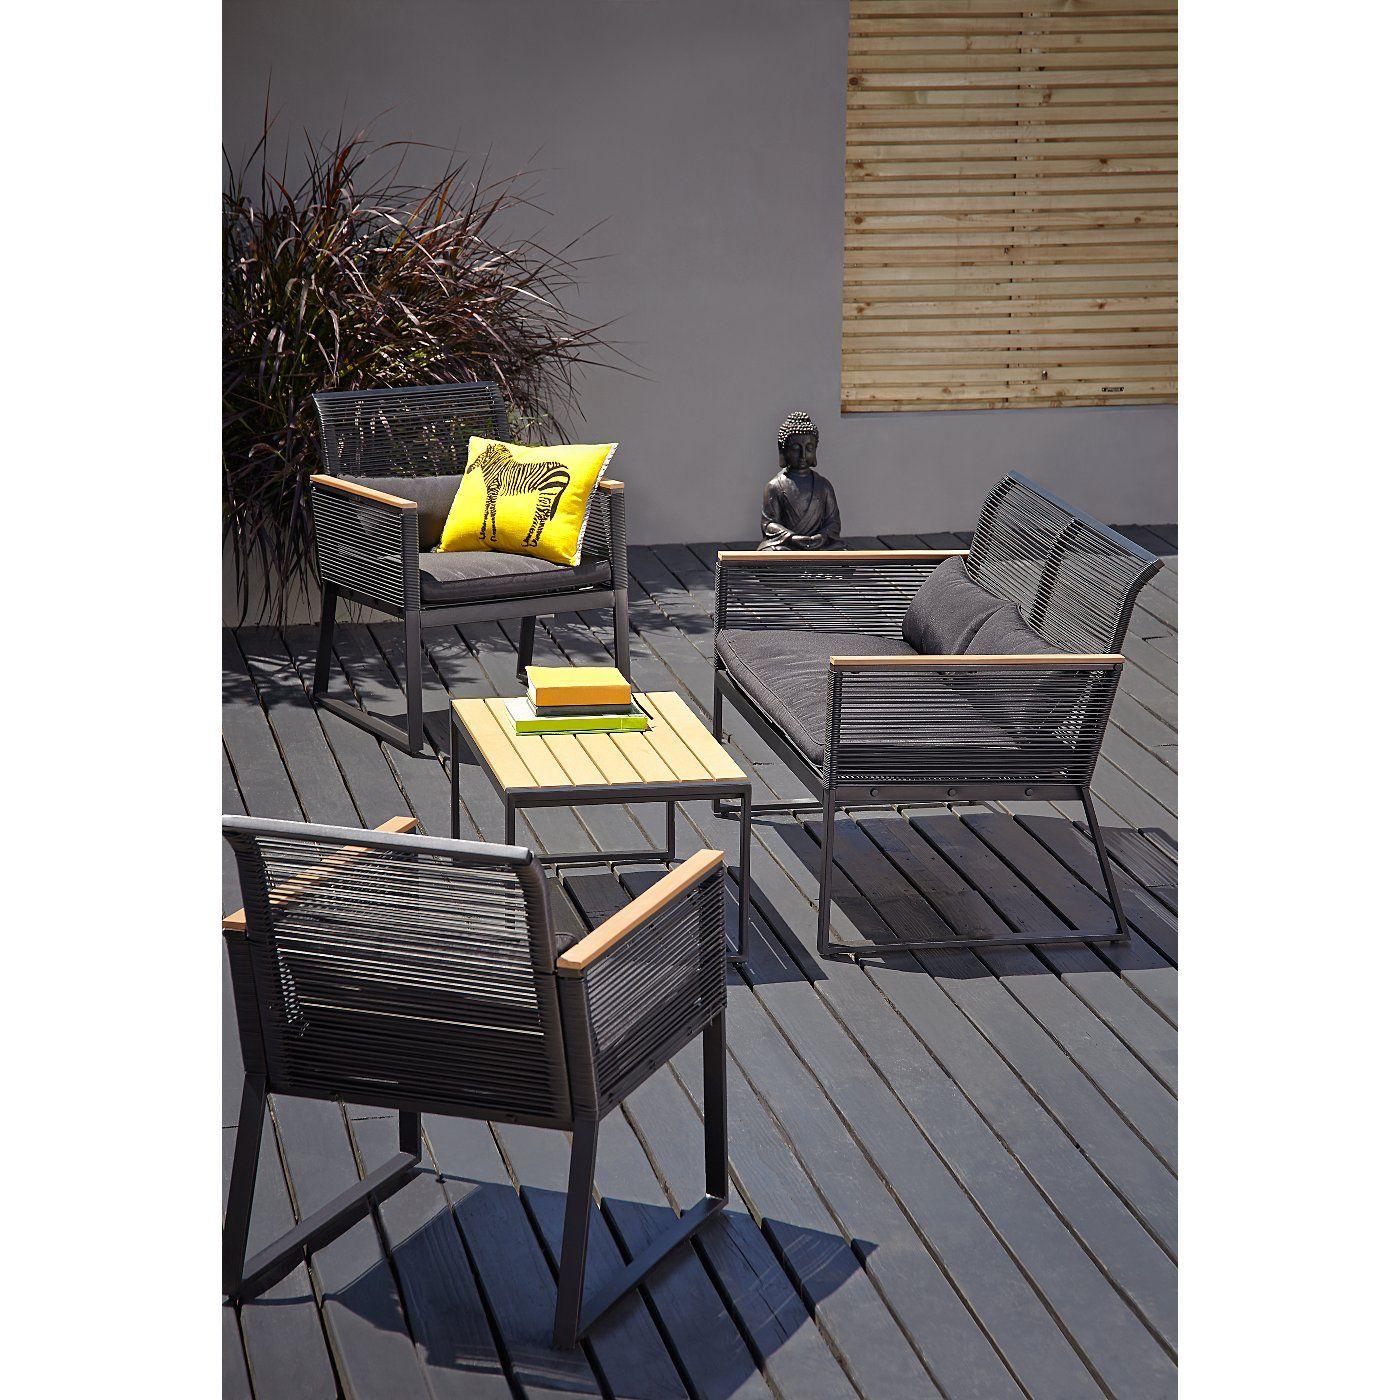 Buy Noir 8 Piece Garden Set - Get The Look from our Garden